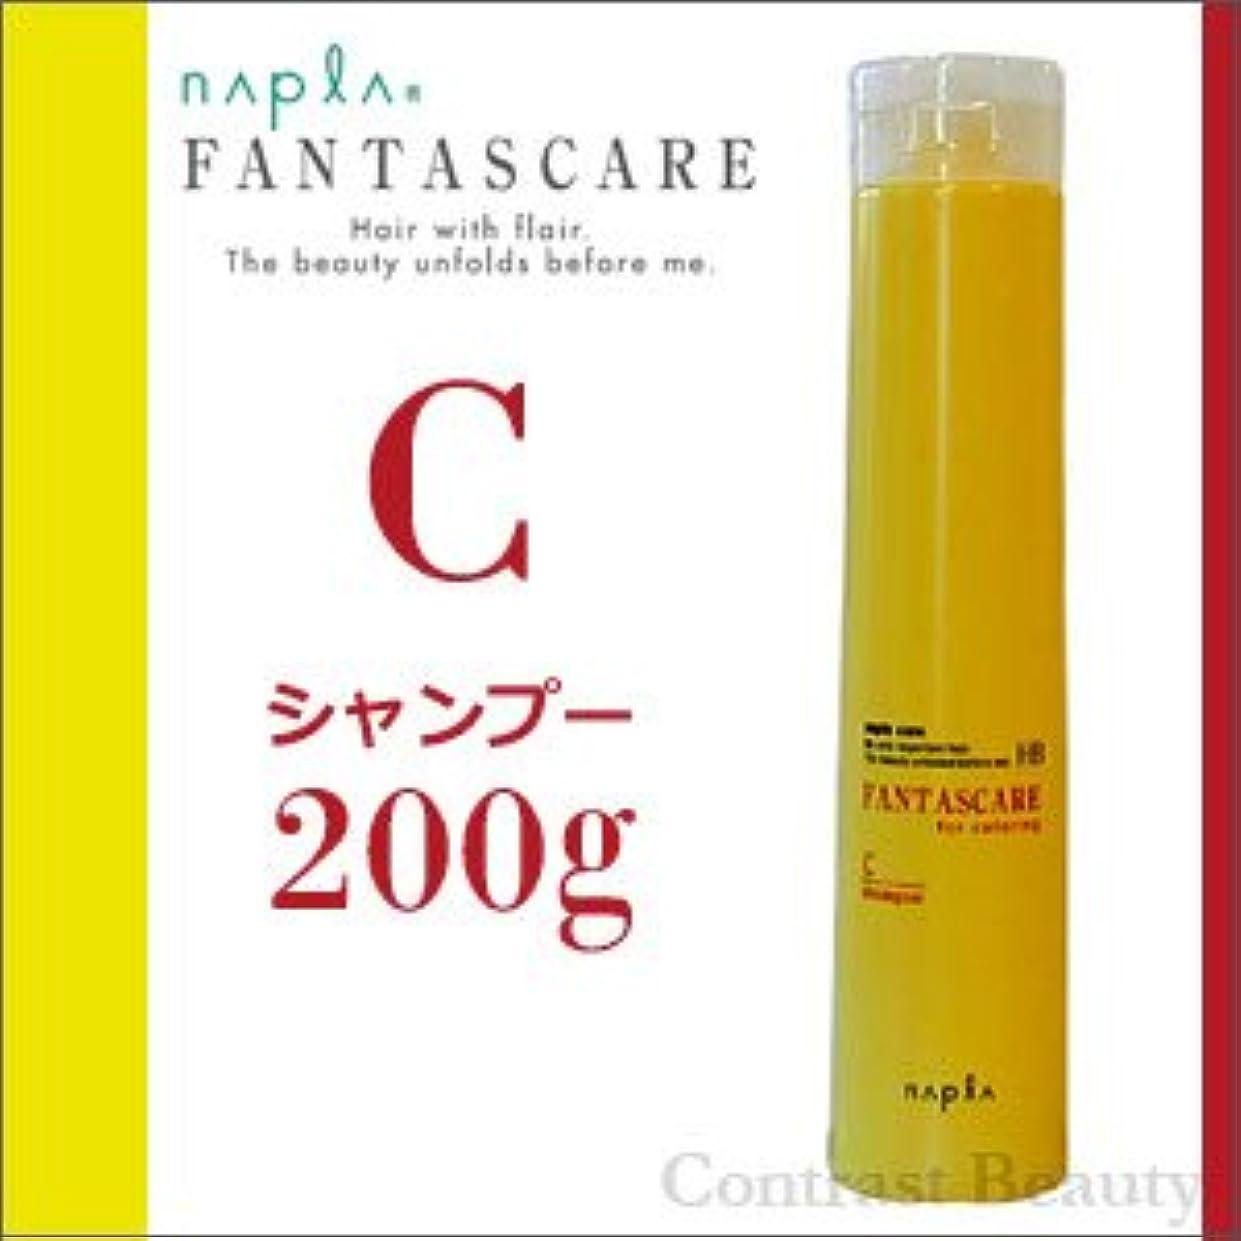 ビタミン暴露するクッション【X5個セット】 ナプラ ファンタスケア Cシャンプー 200g napla